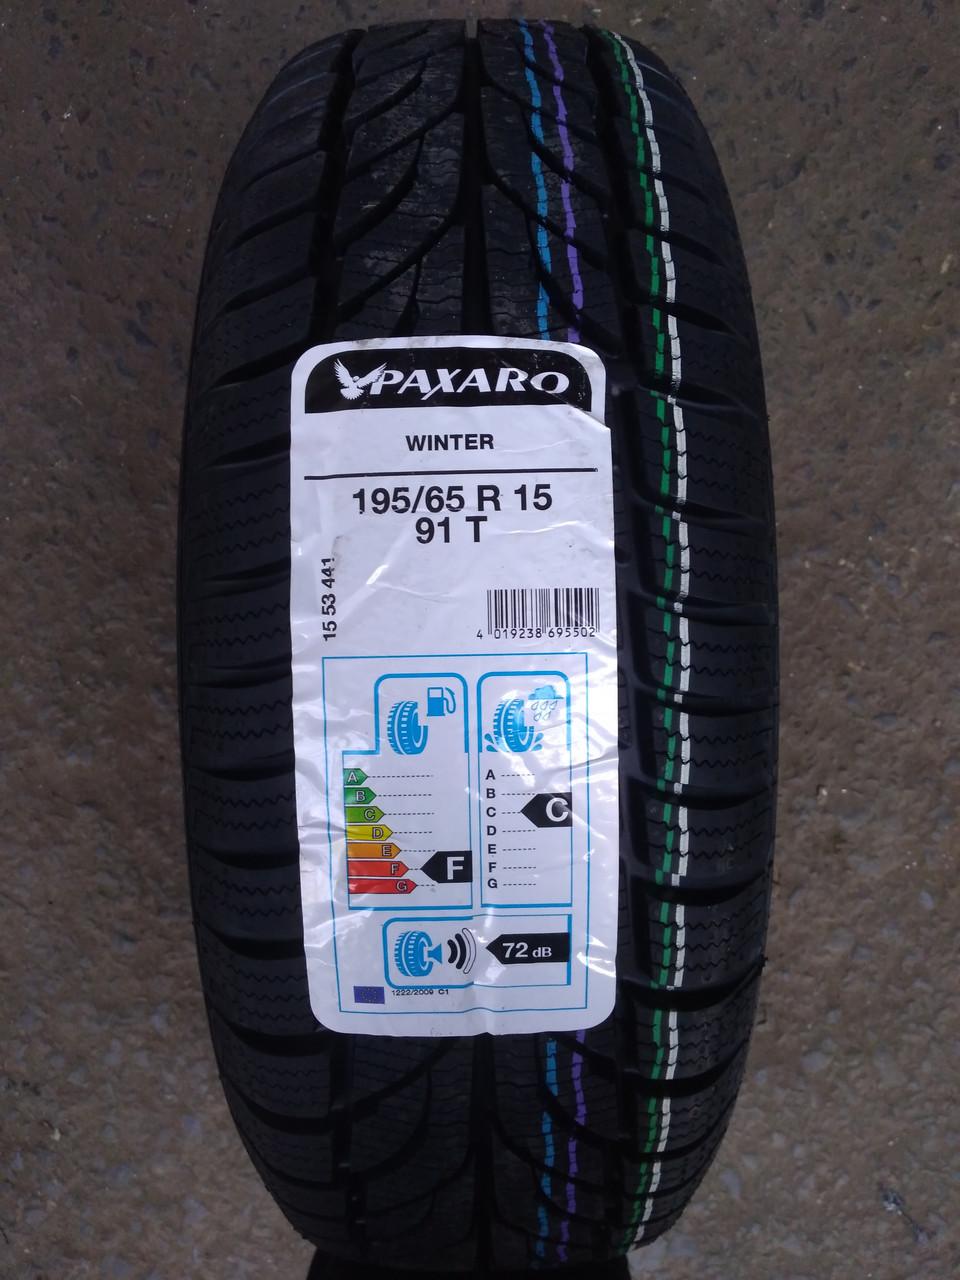 Нові зимові шини Paxaro 195/65 R 15 Winter [91]T